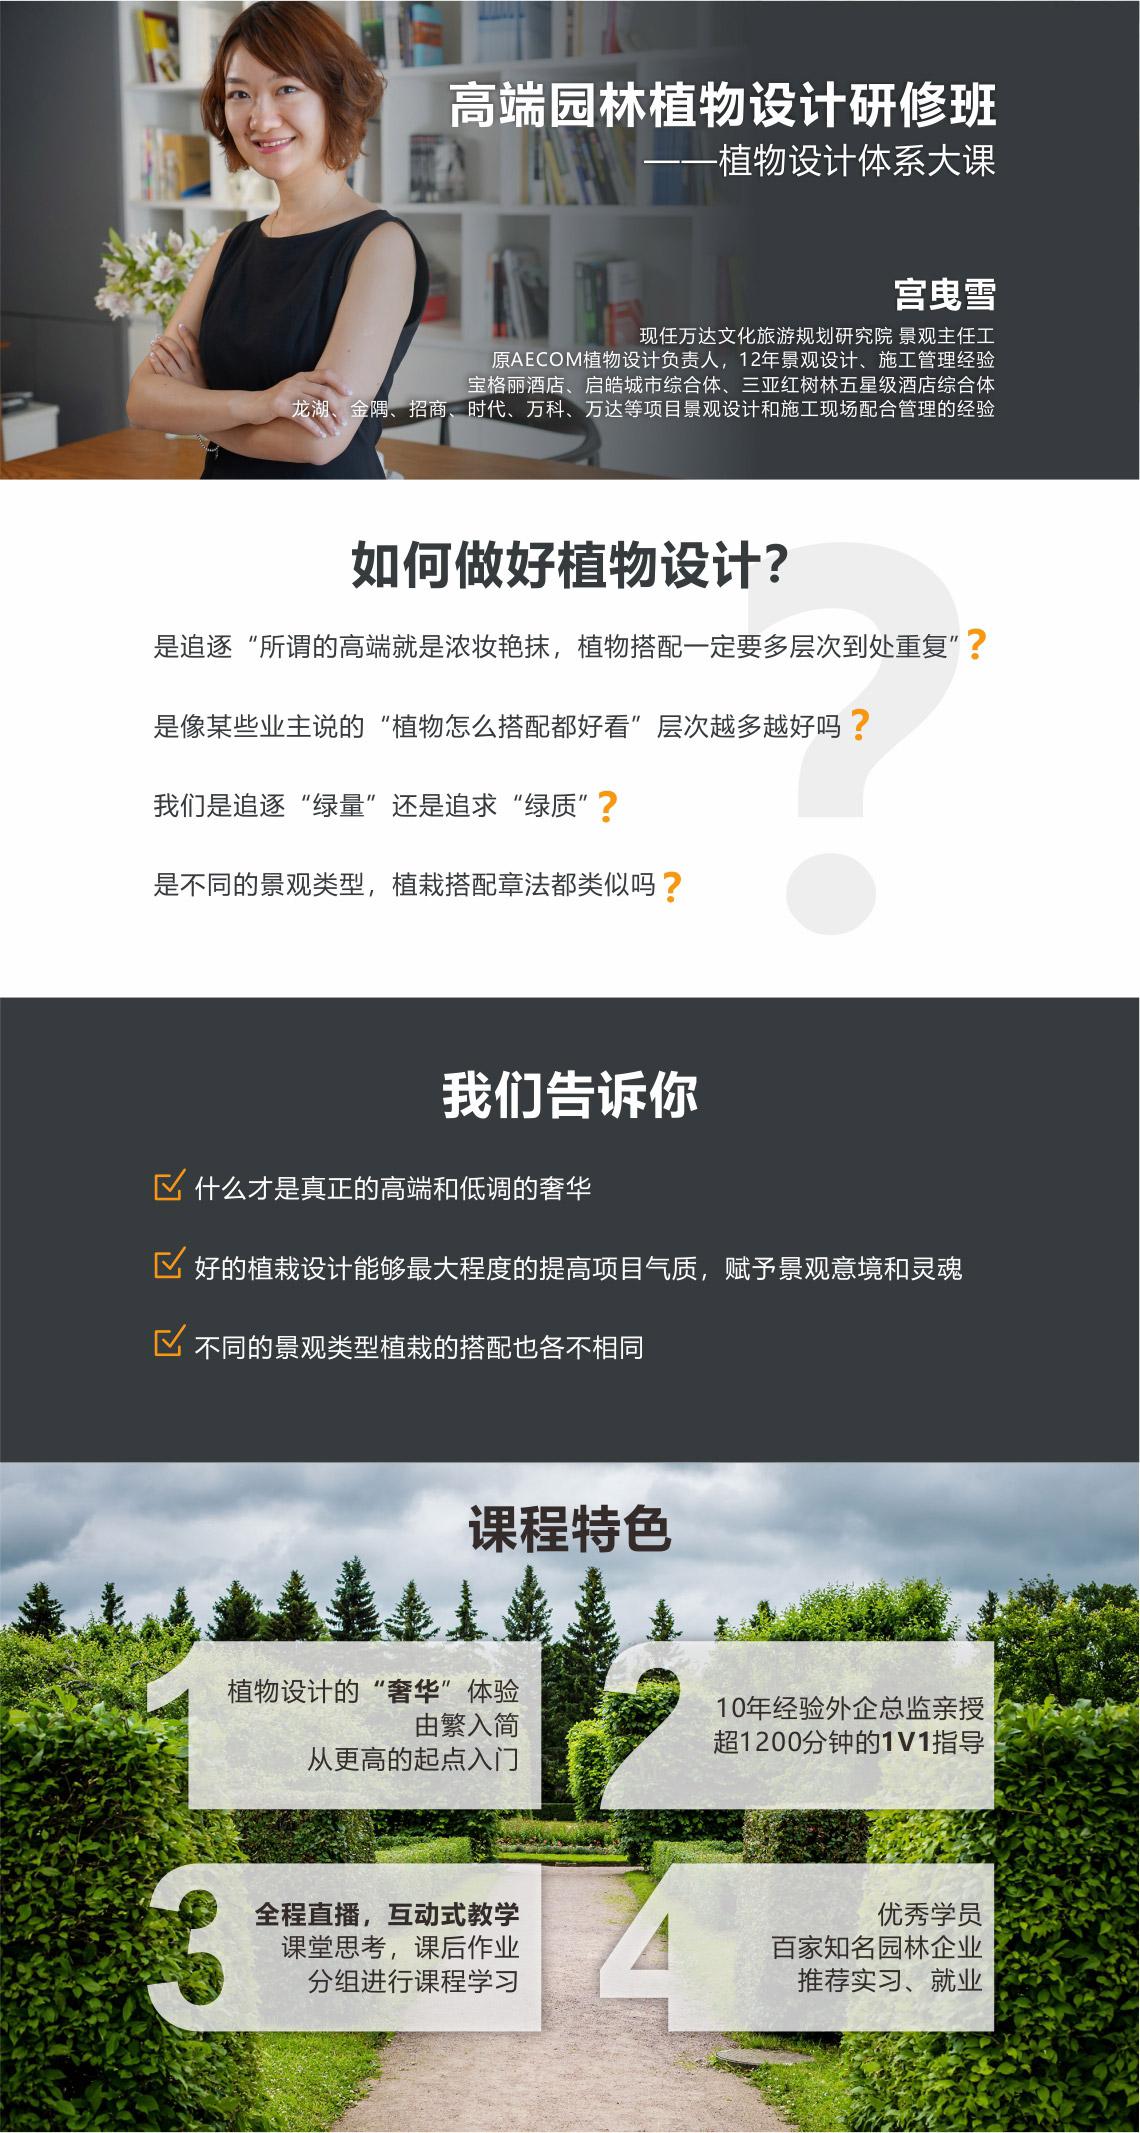 """筑龙学社高端园林植物配置线上教程,通过国内外园林植物造景案例,学习高端植物配置技巧,掌握成熟的园林景观植栽技术。"""" style=""""width:1140px;"""